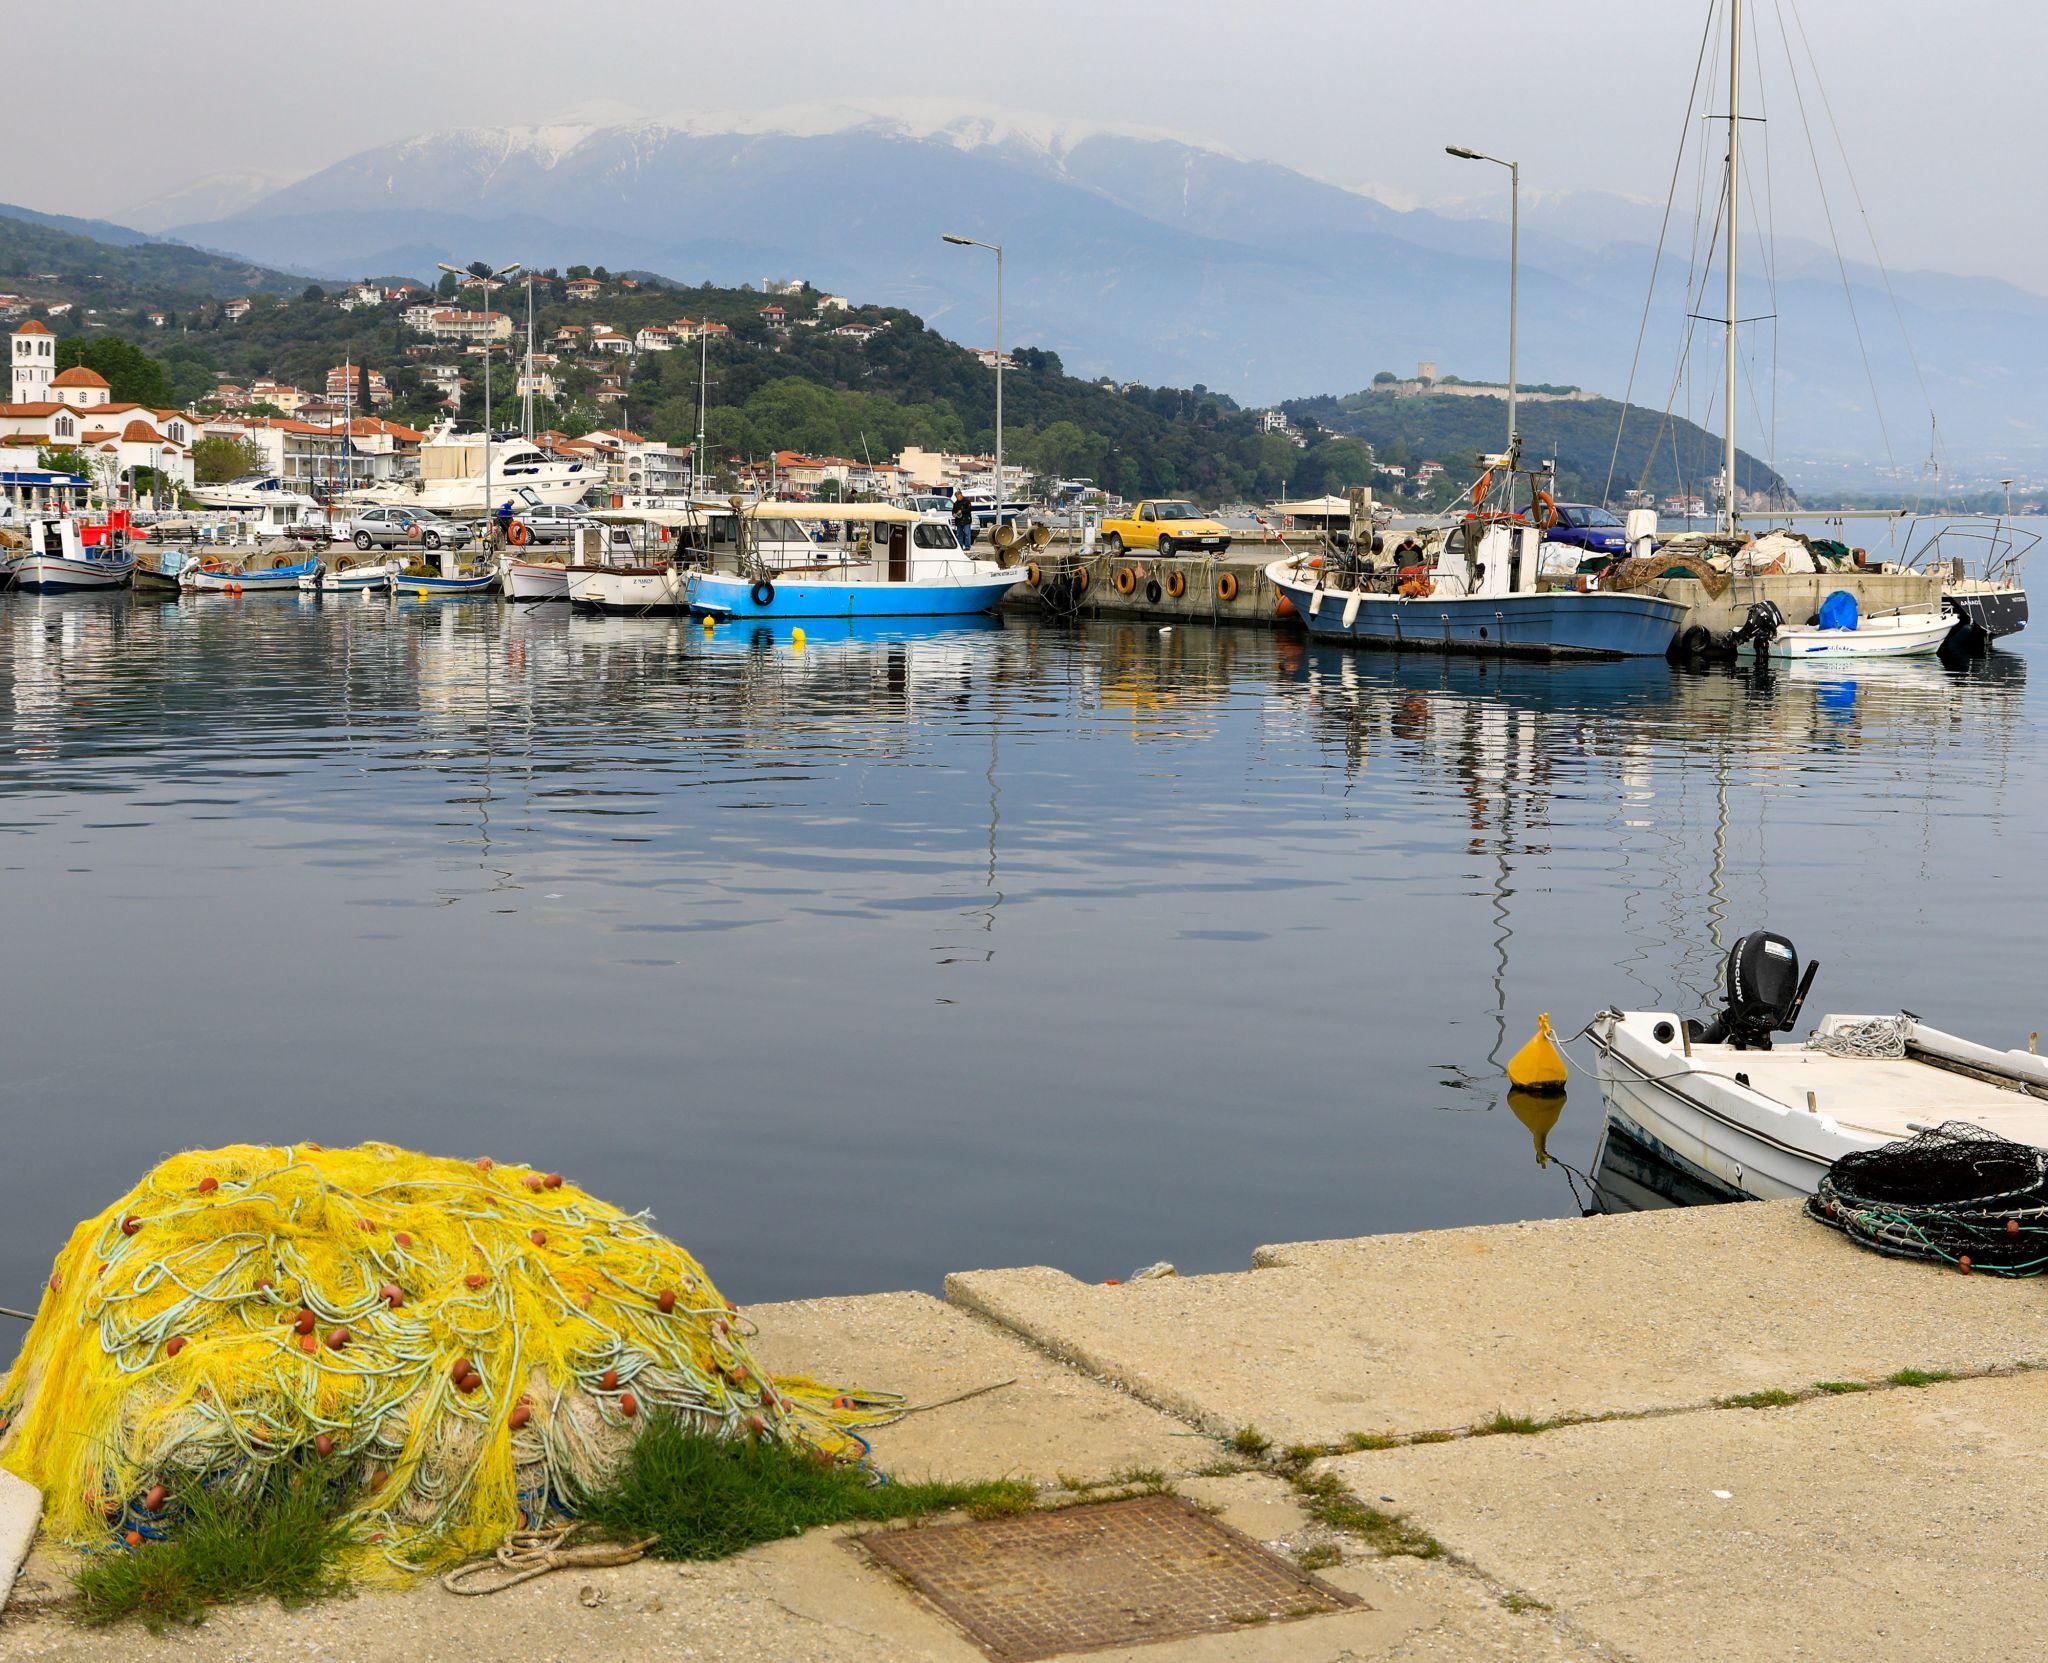 Hafen von Platamonas mit Blick auf den Olymp, Greece